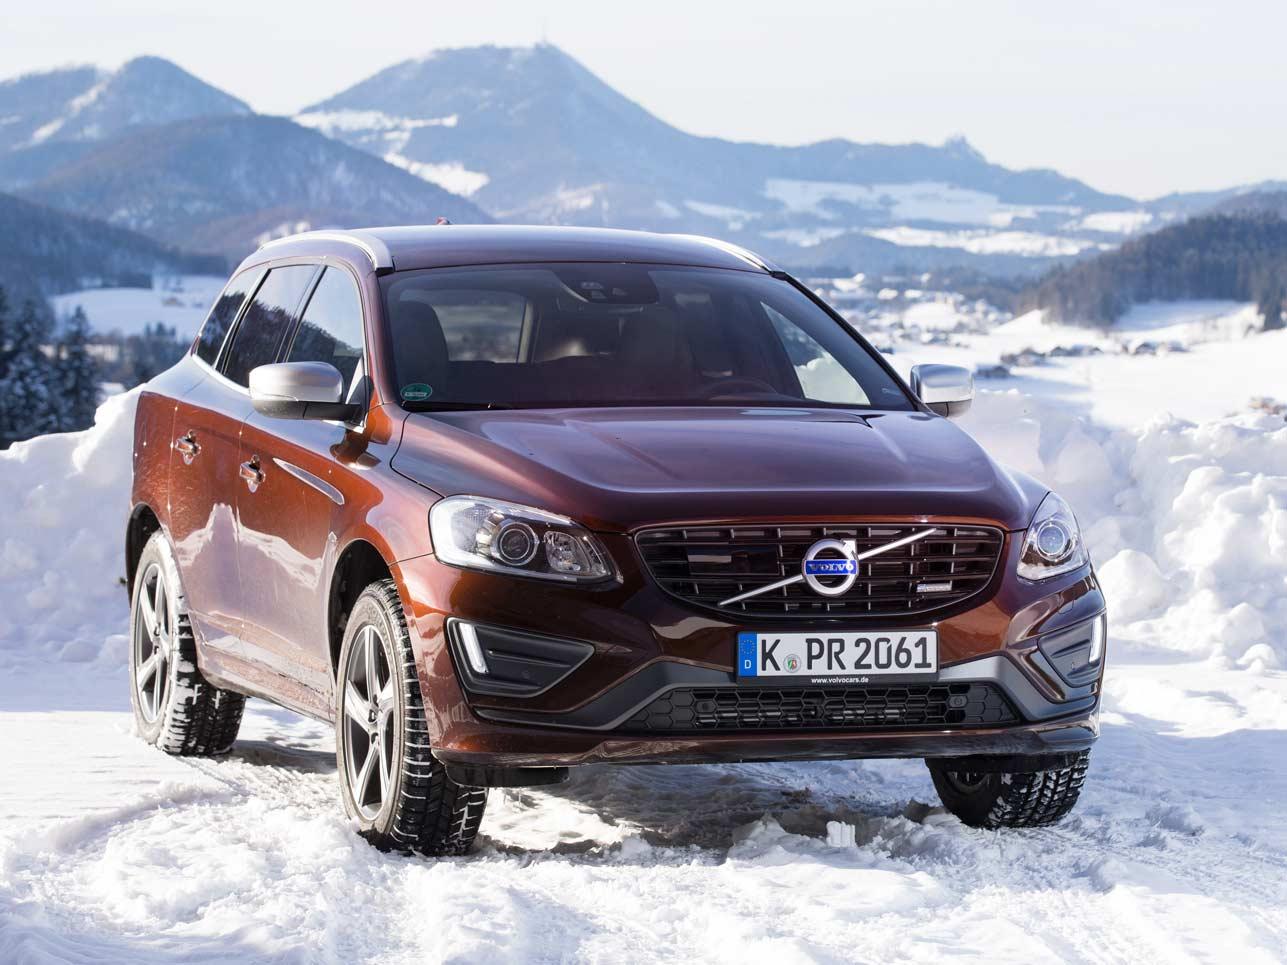 """""""Der Markt für Sport Utility Vehicle boomt auch weiterhin."""" Thomas Bauch, Geschäftsführer Volvo Car Germany"""